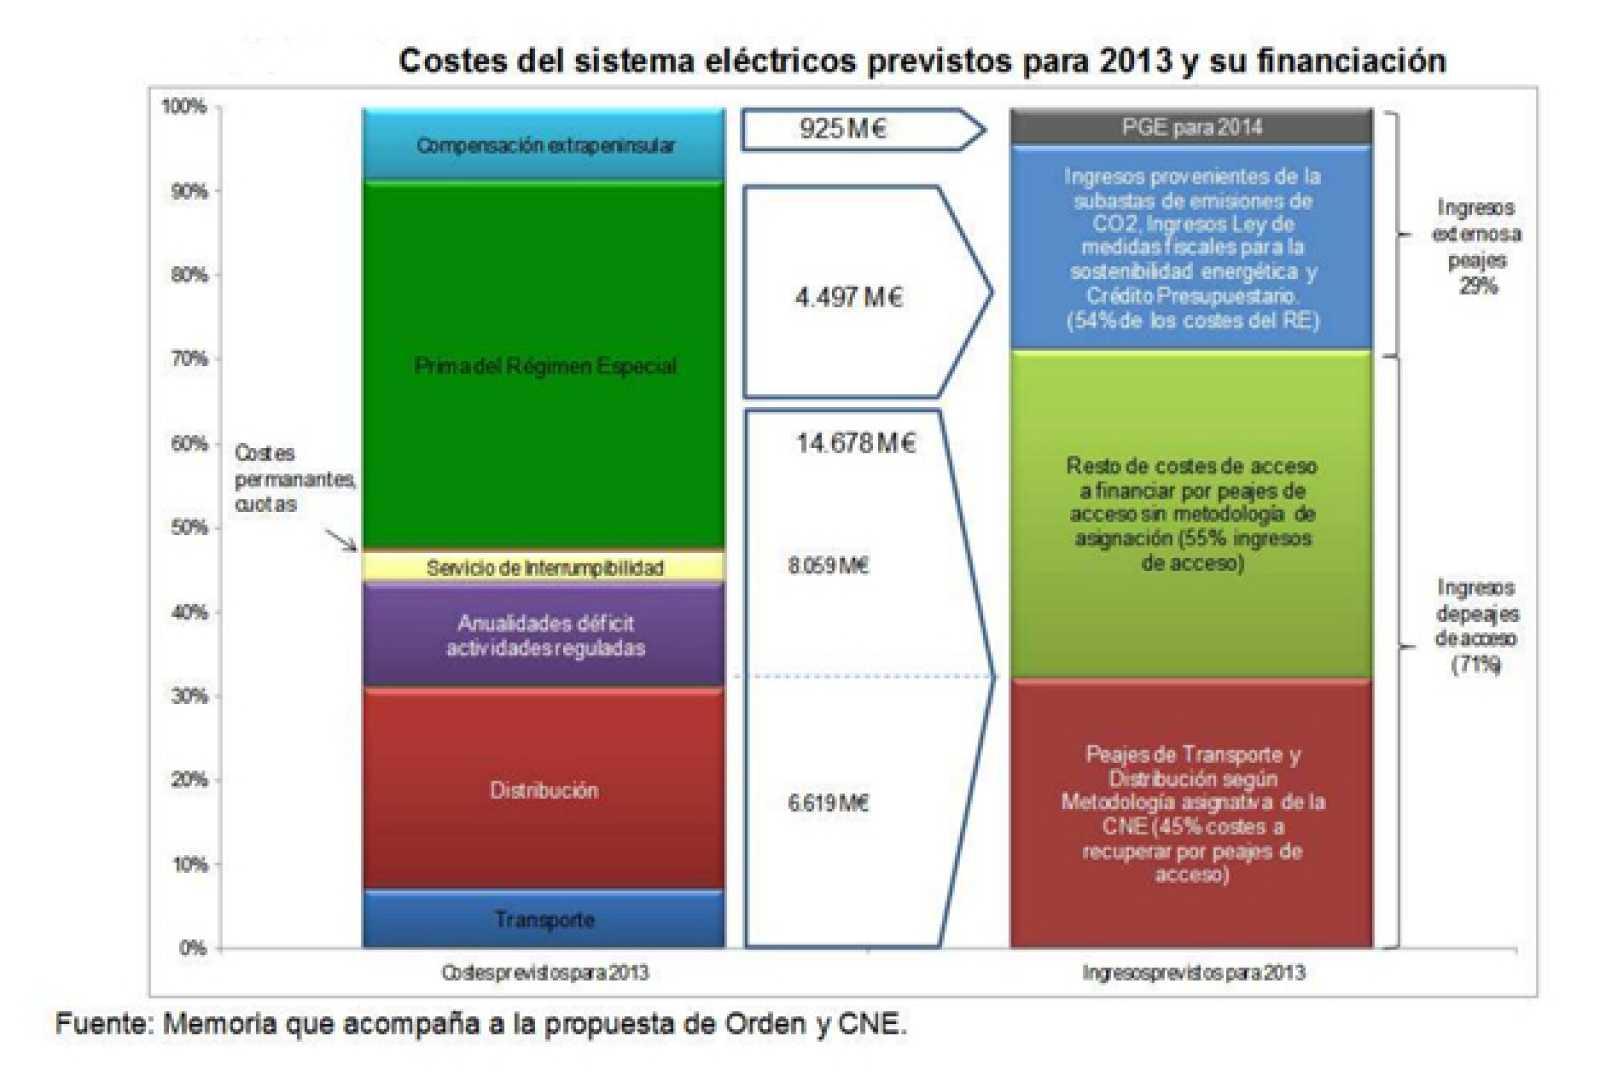 Gráfico de costes e ingresos regulados del sistema eléctrico en 2013